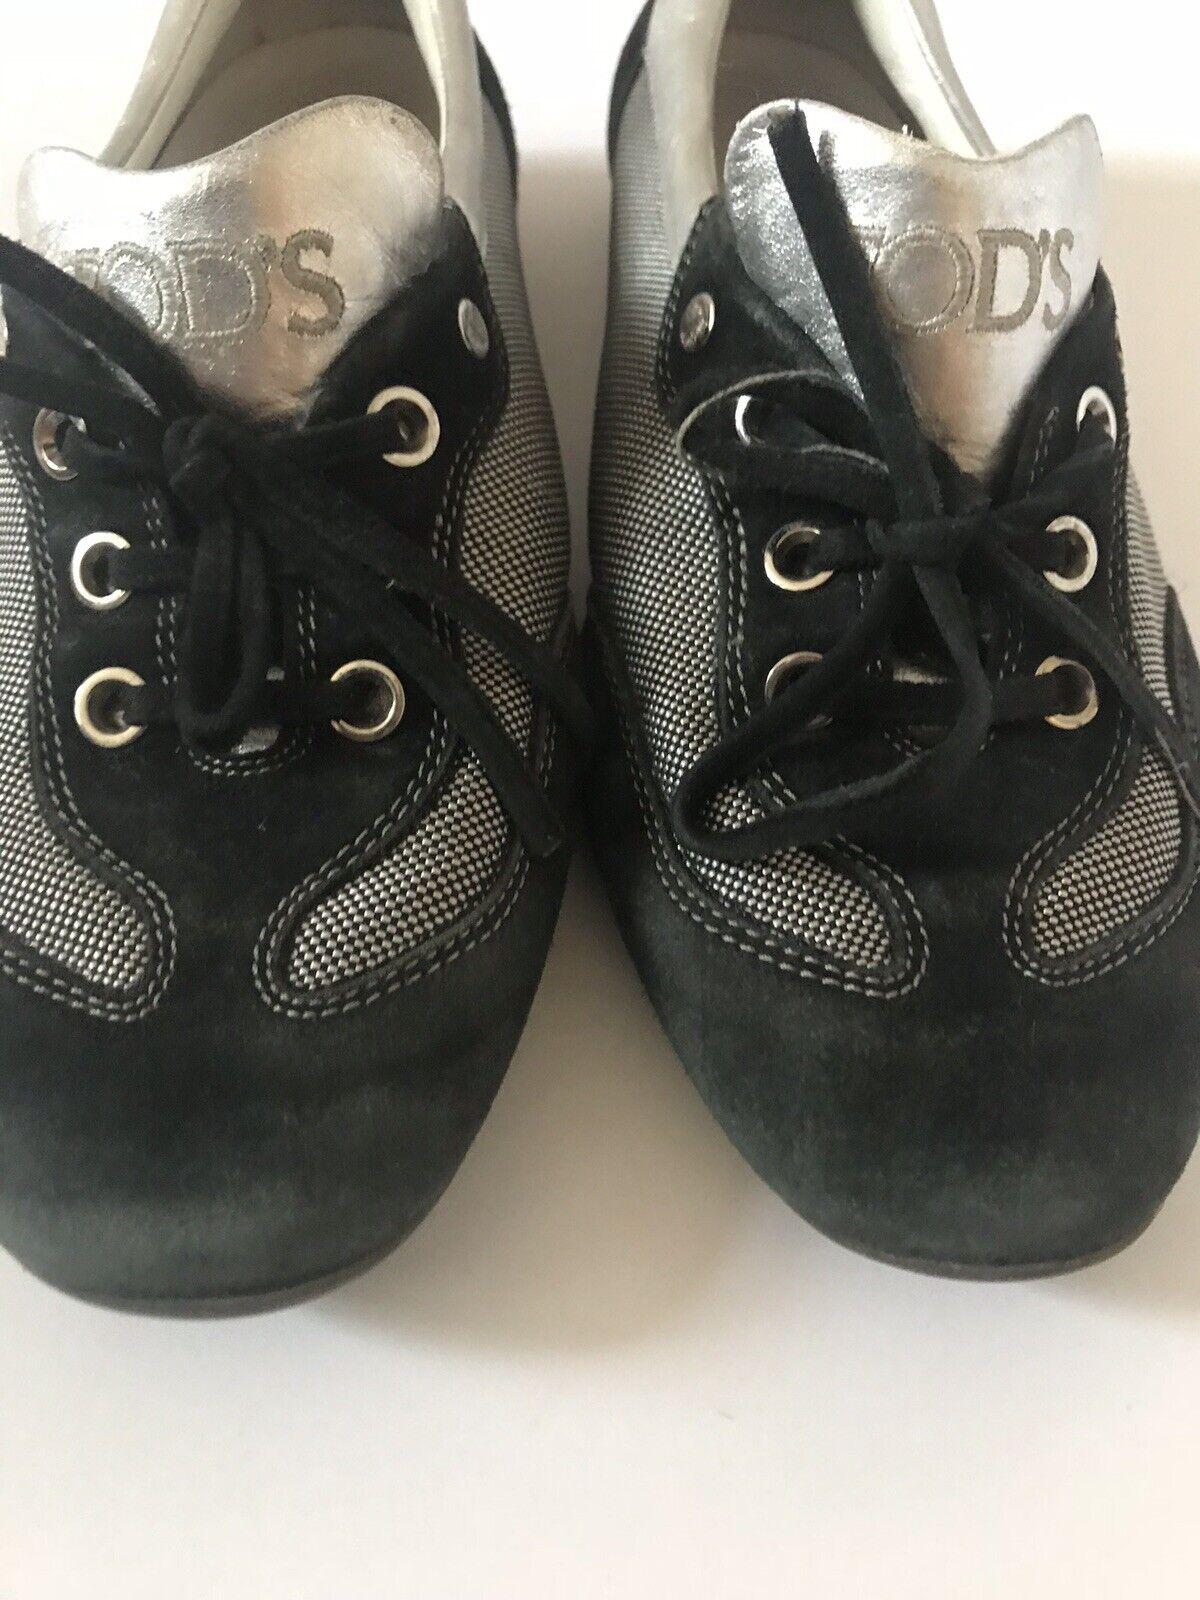 Todd's Femme Chaussures Keds Argent Noir En Toile & Daim Daim Daim Lacets SZ 8 e38007